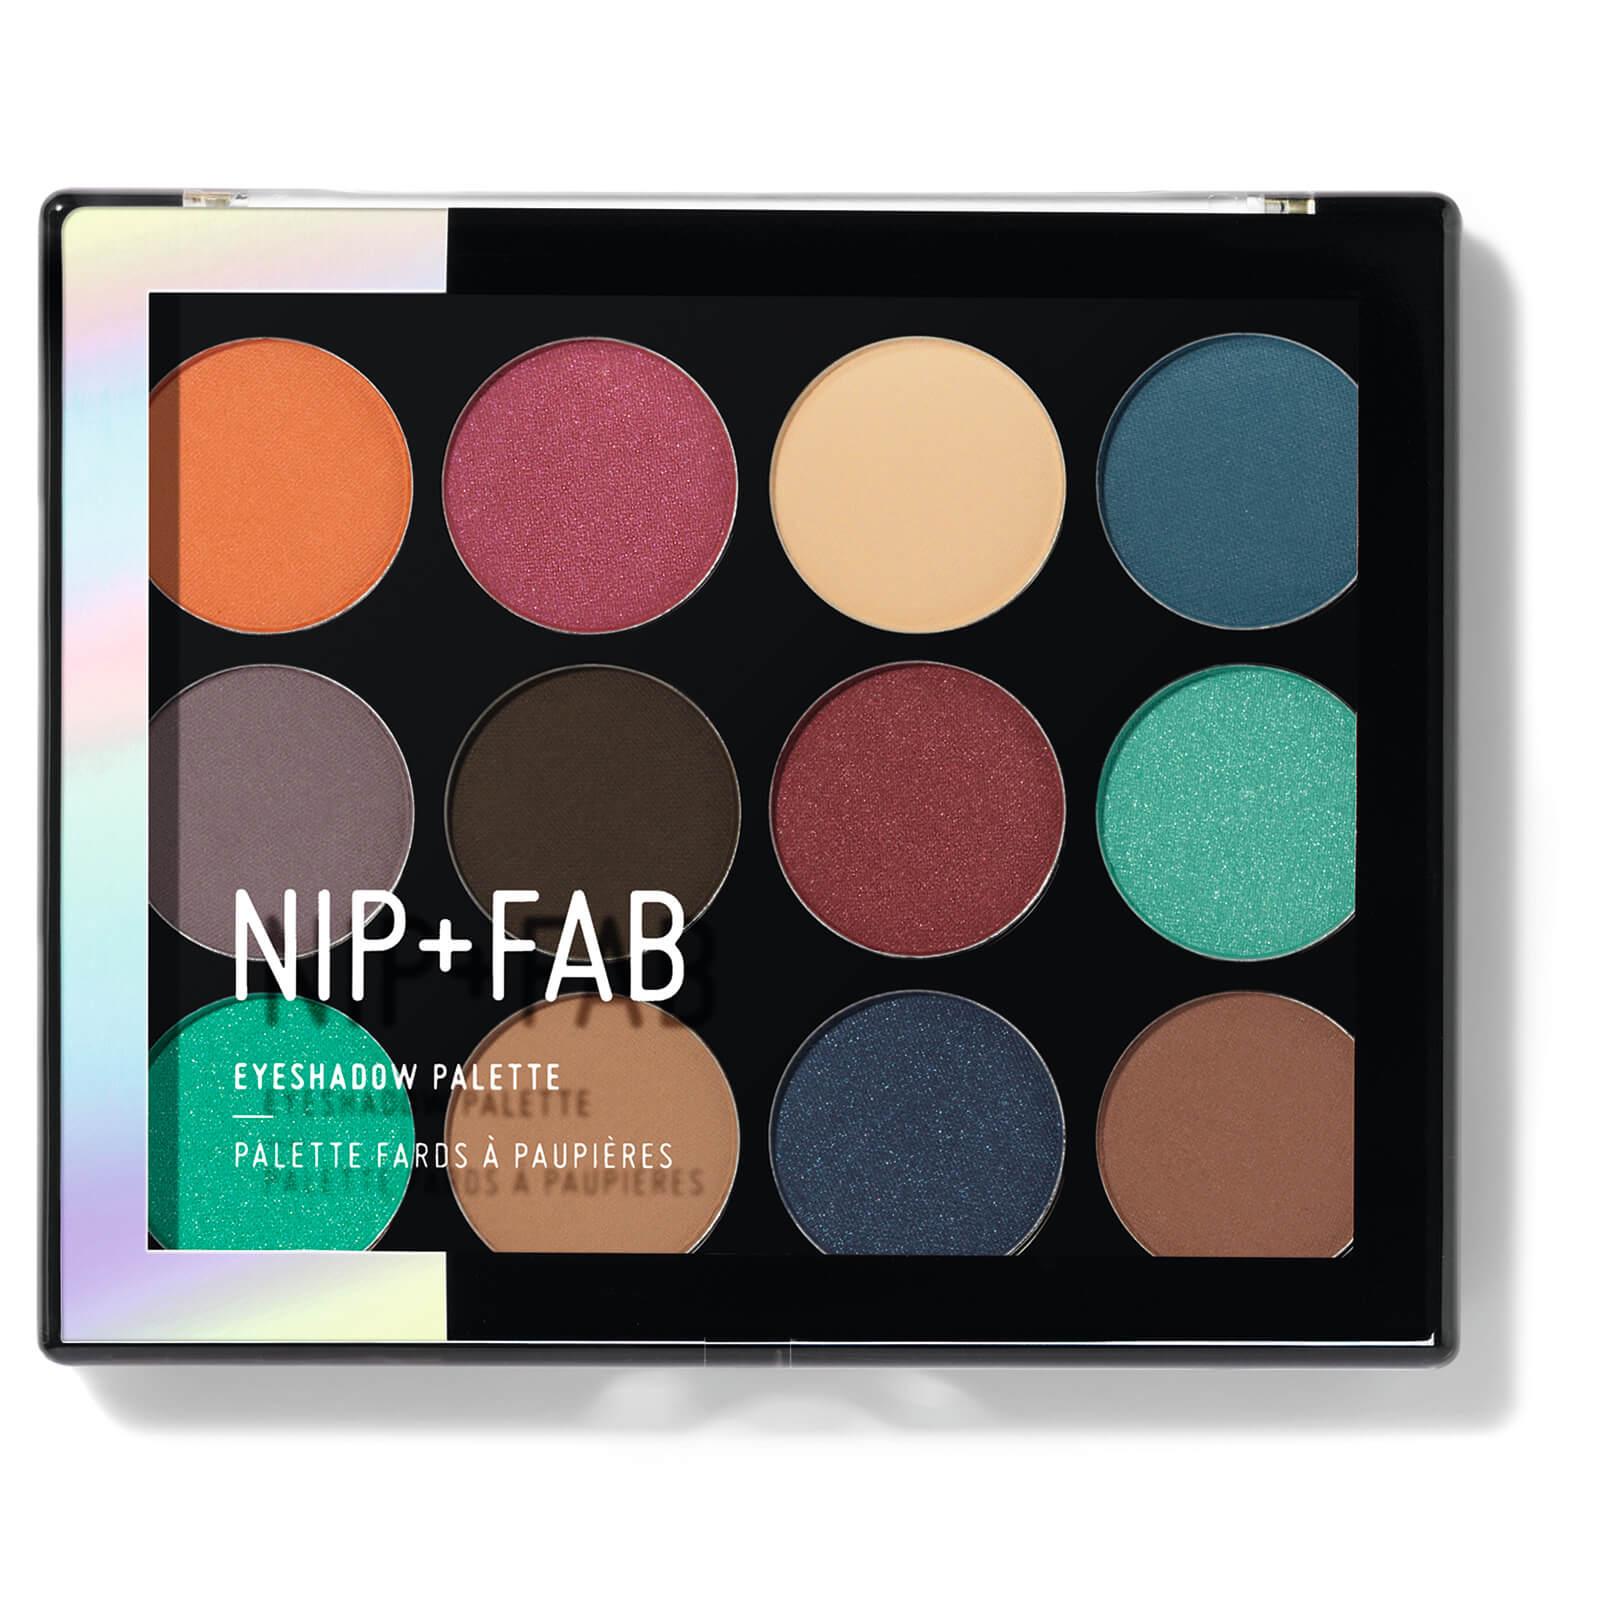 Nip+fab NIP + FAB Make Up palette di ombretti - Jewel 12 g